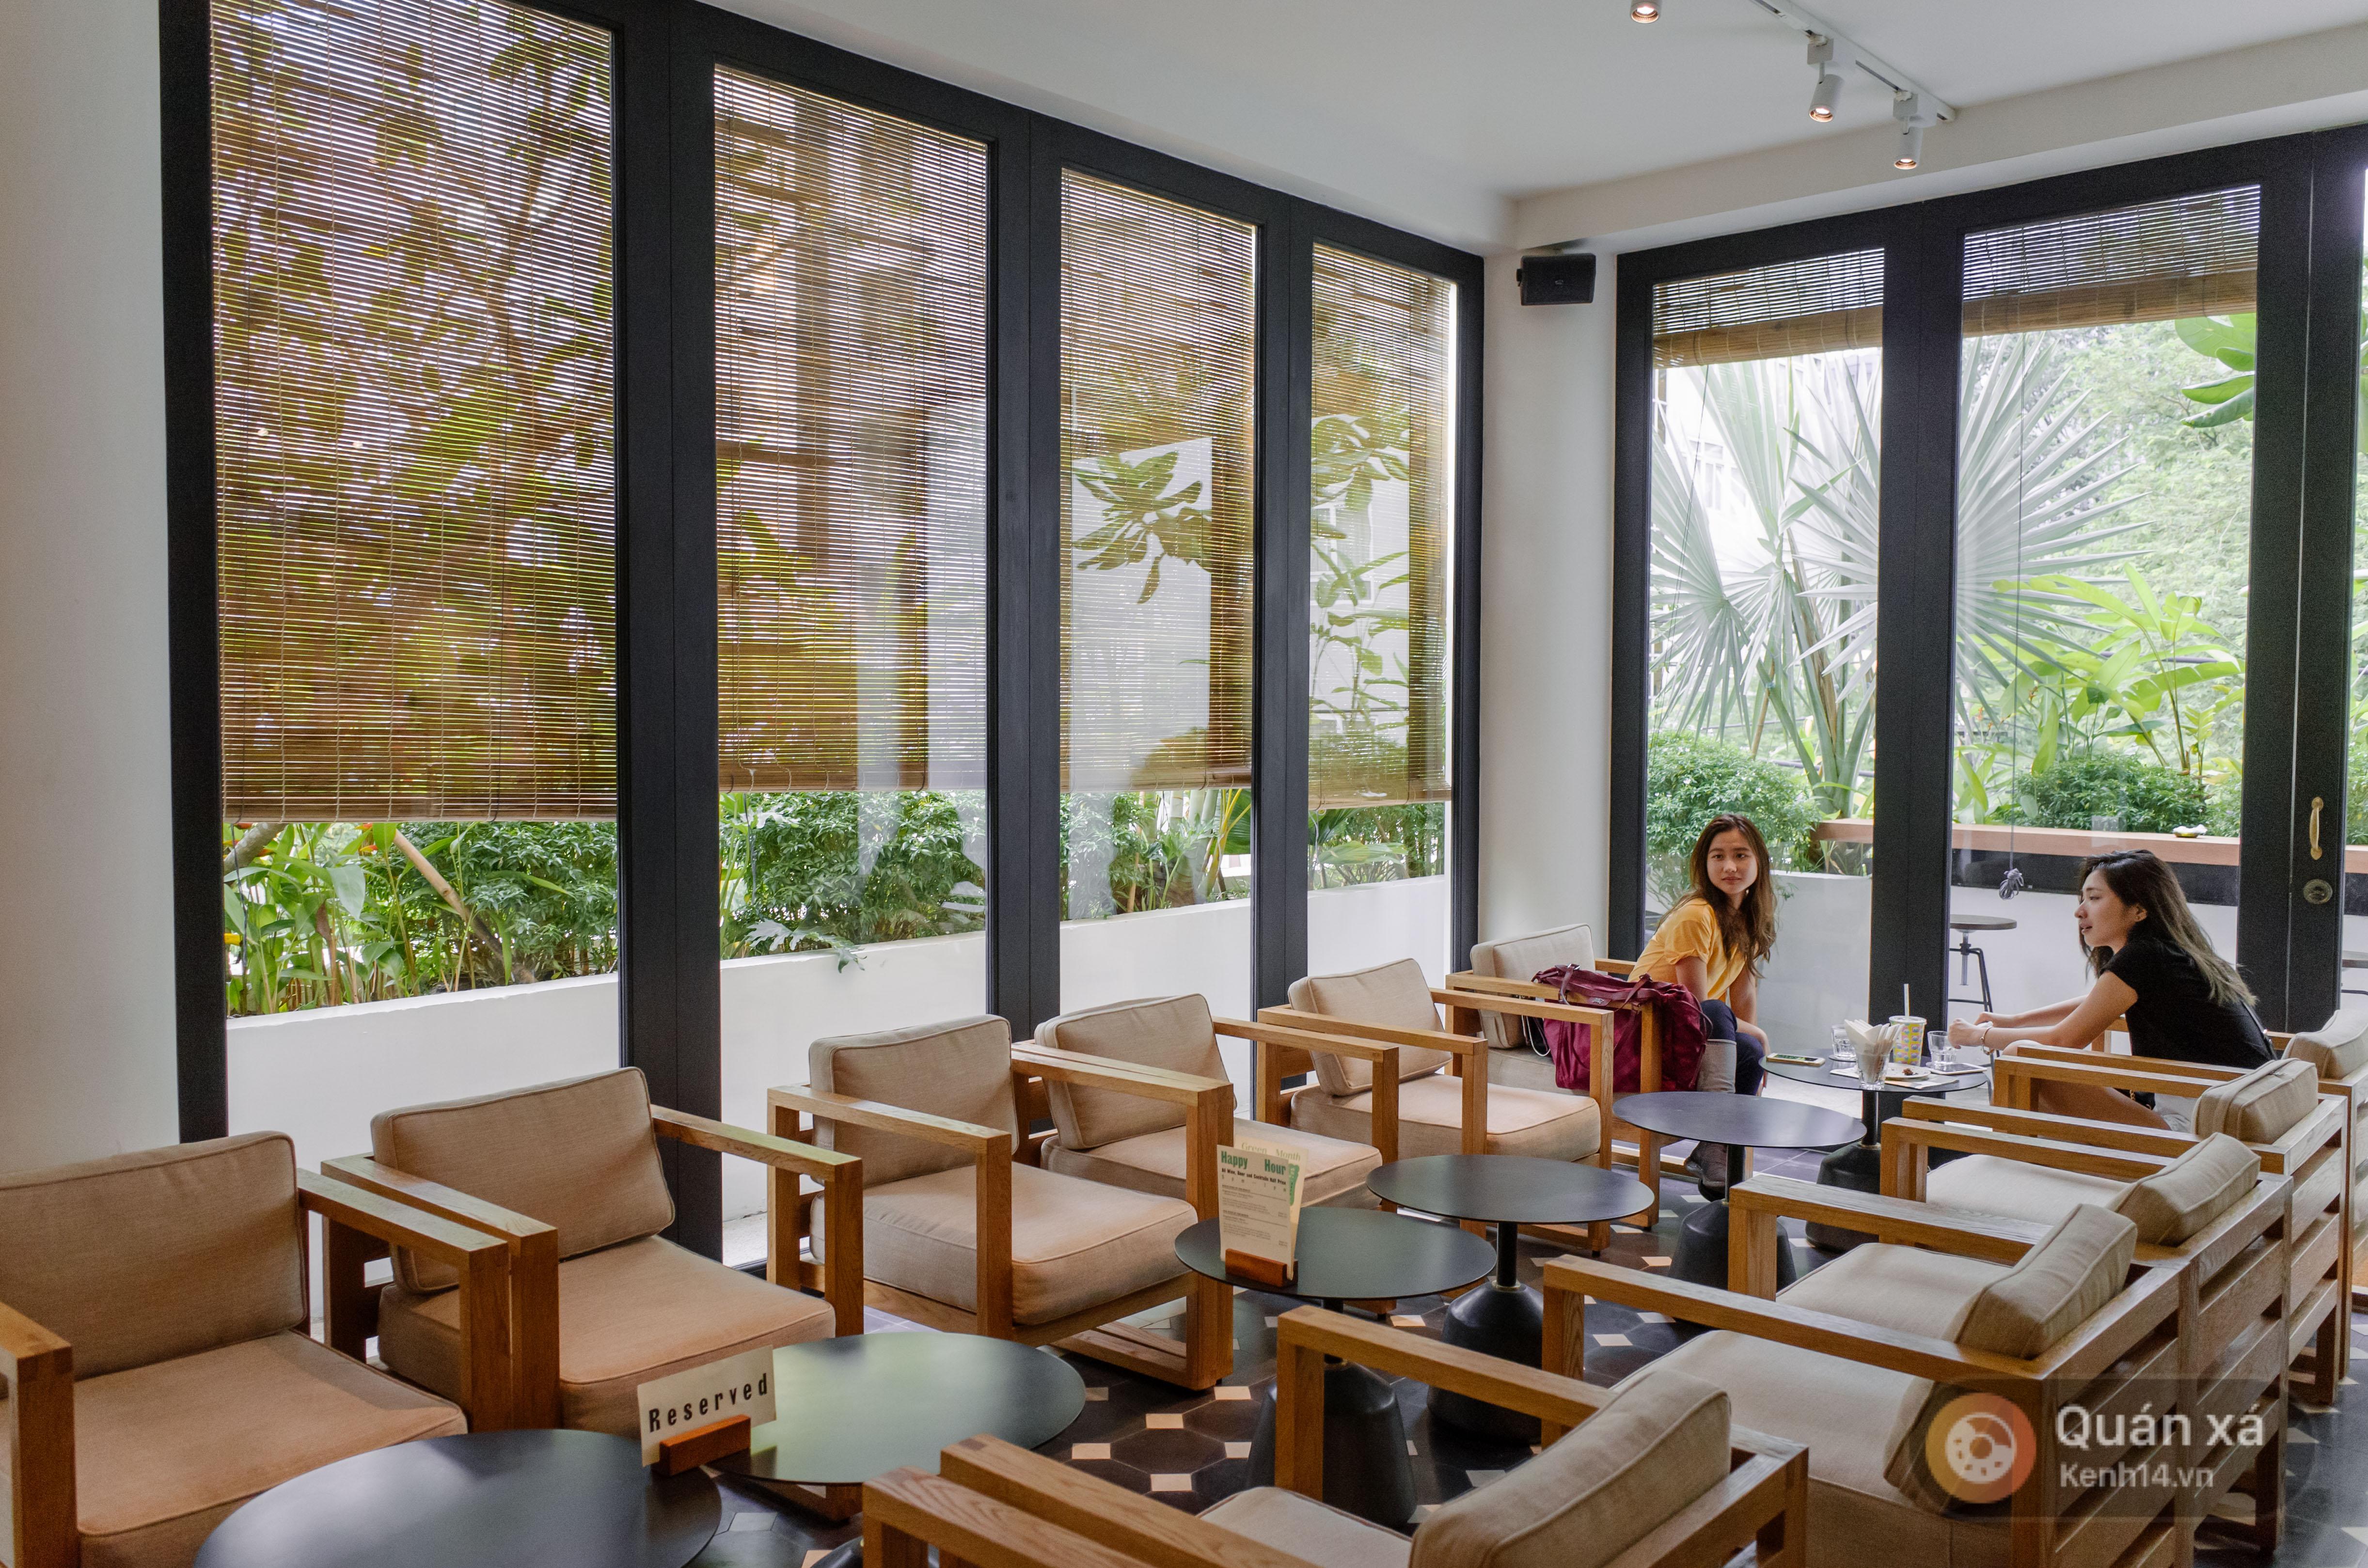 Lại phải update 3 quán cafe mới cực xinh mà giới trẻ Sài Gòn đang thi nhau chụp ảnh check-in - Ảnh 14.